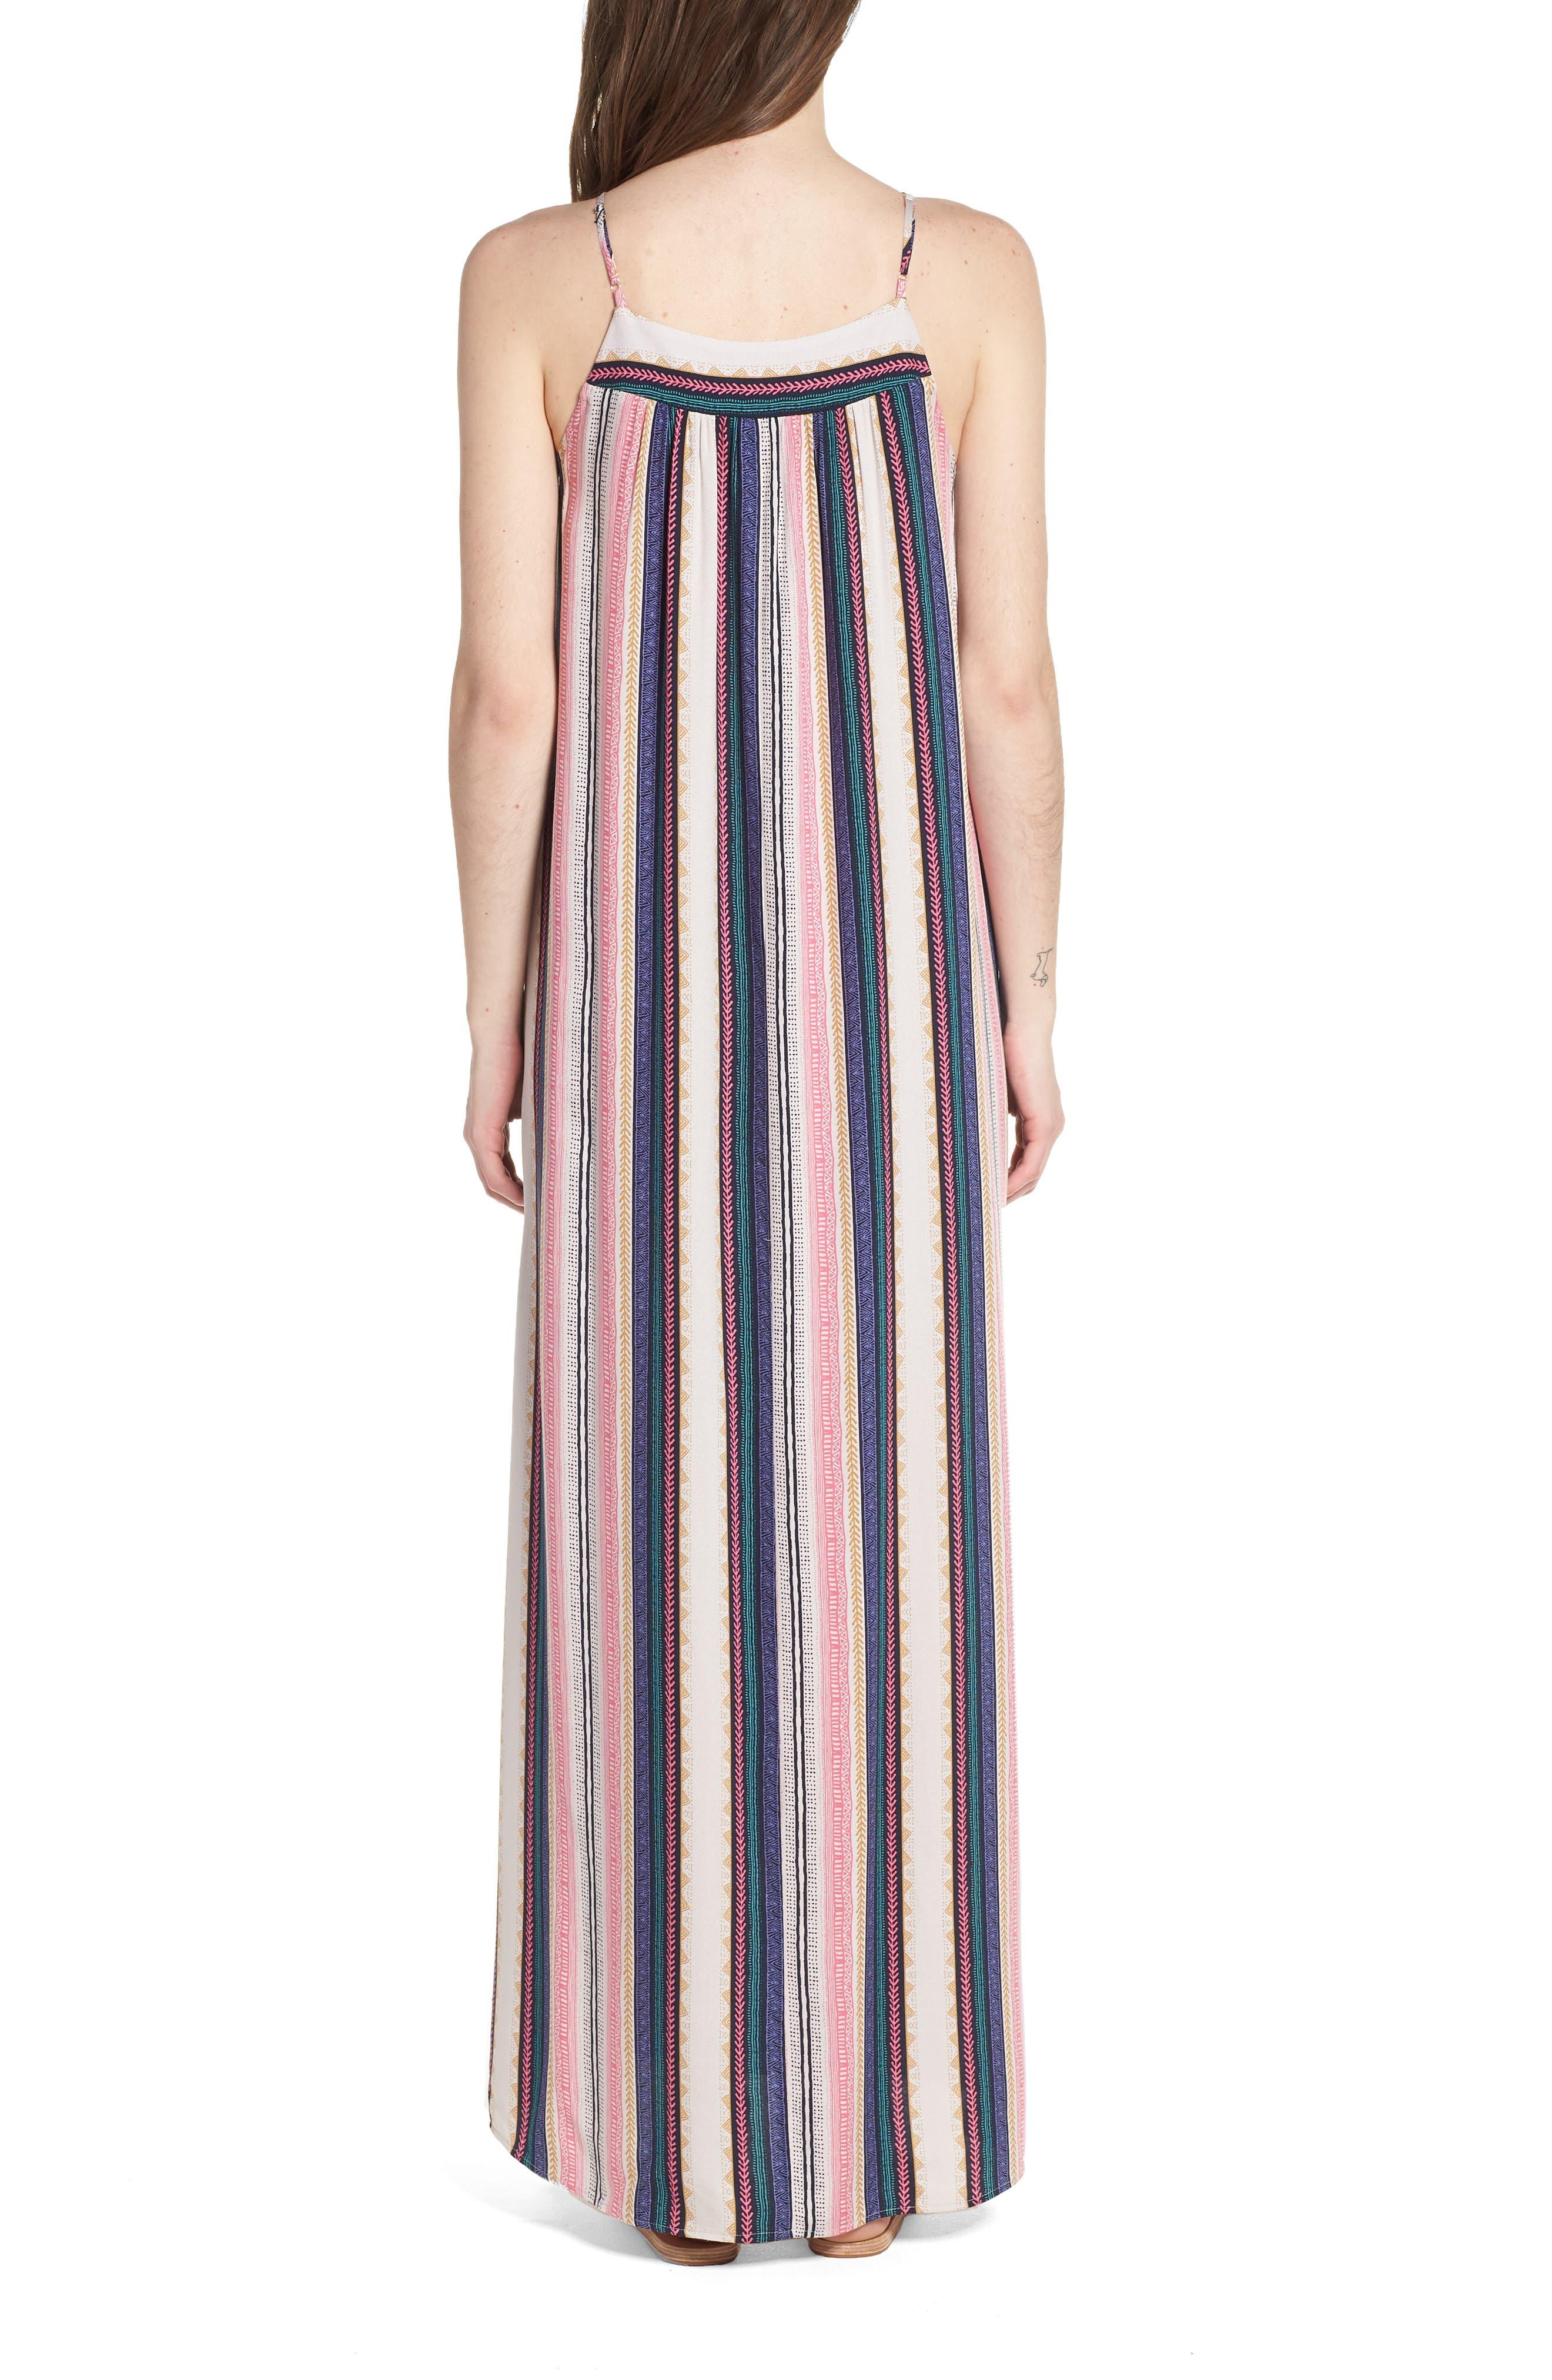 Stripe Maxi Dress,                             Alternate thumbnail 2, color,                             Multi Stripe